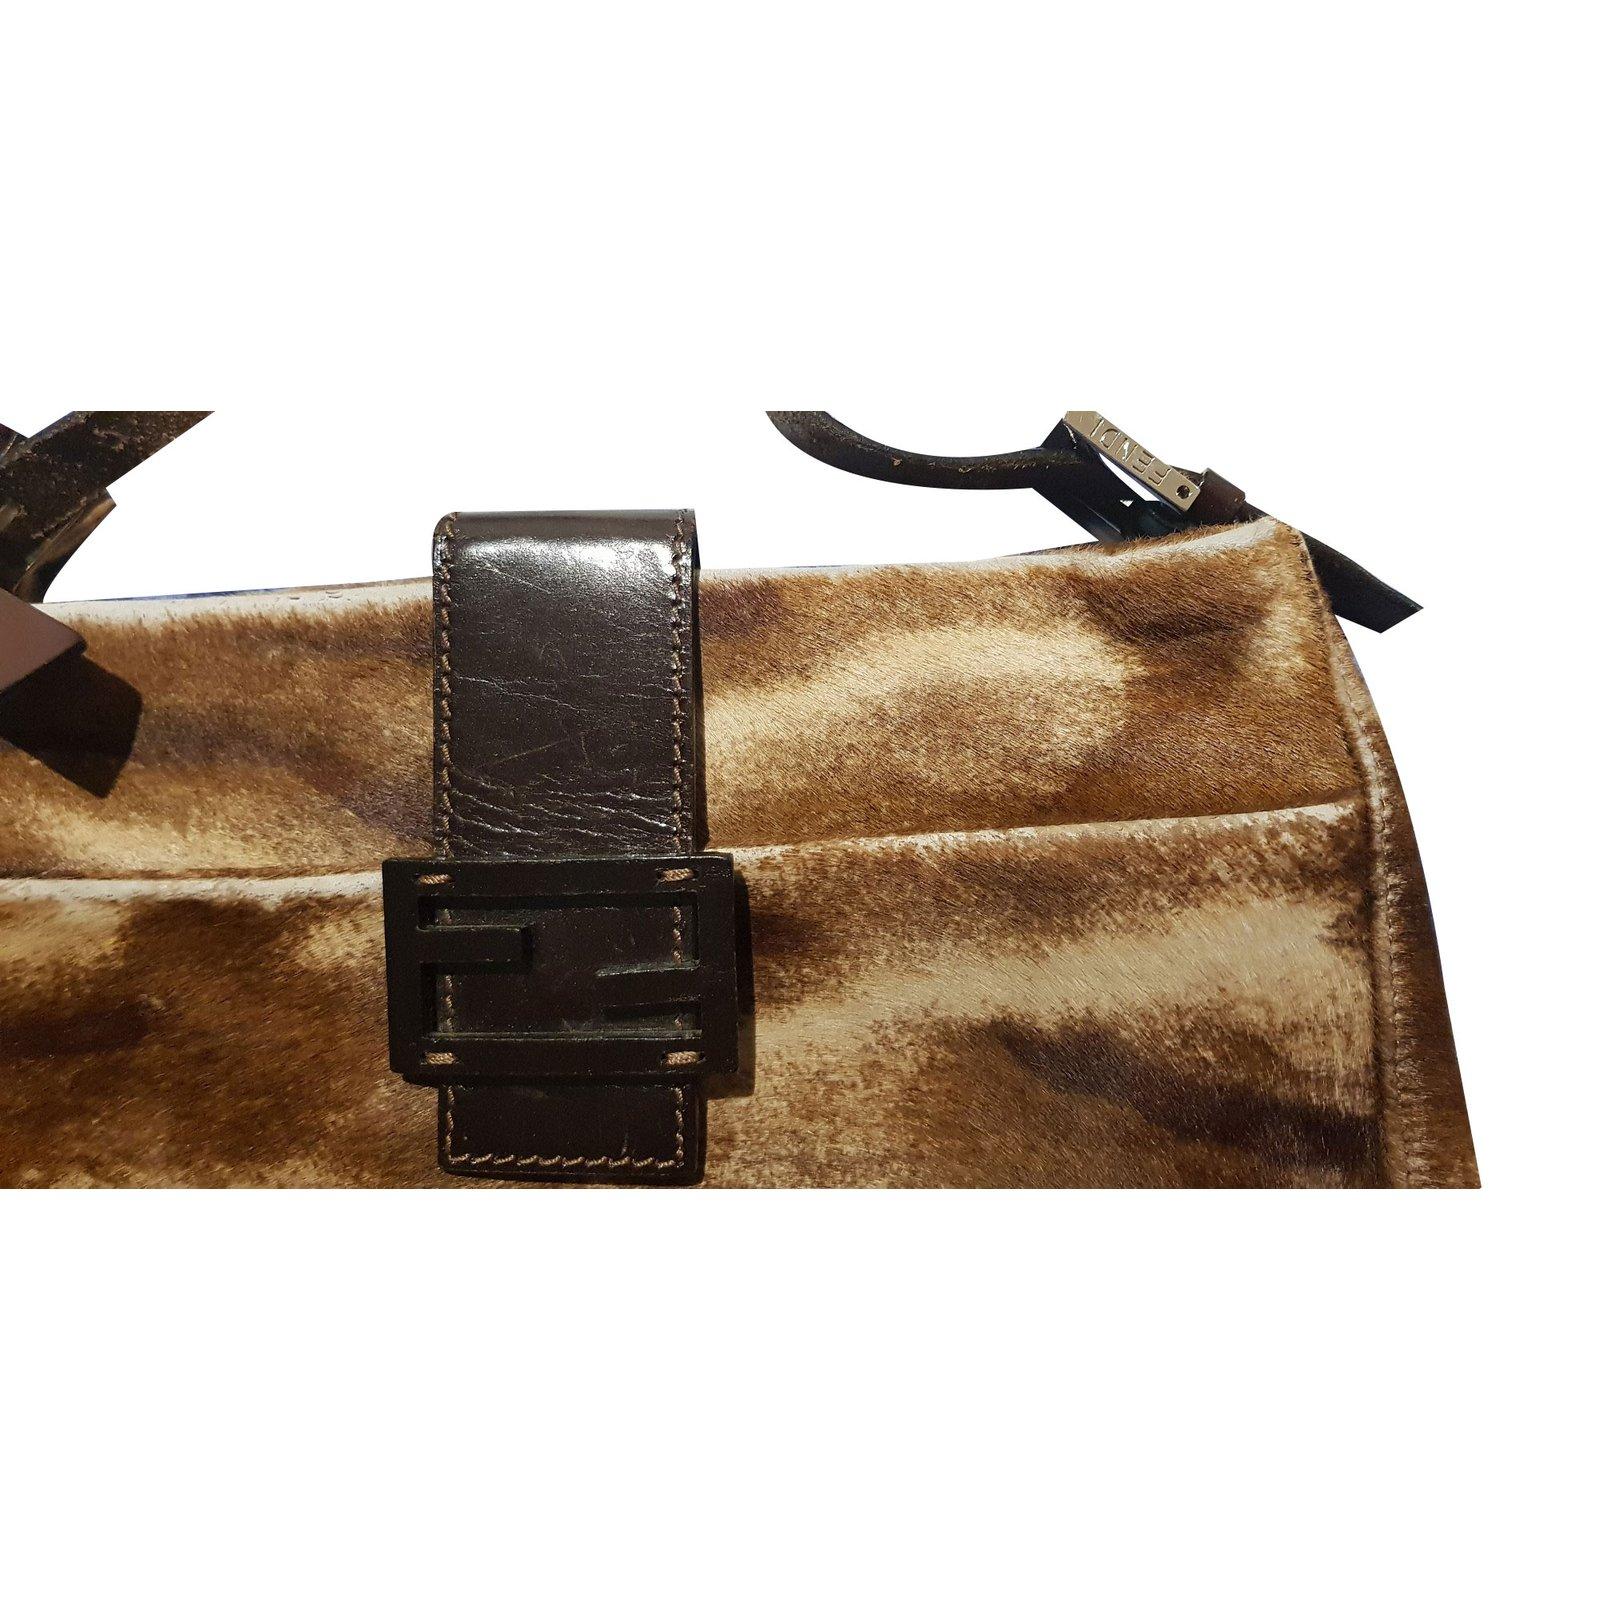 e3abf496a295 ... get fendi calf skin tote handbags pony style calfskin brown ref.66419  f9f98 fd992 wholesale ...